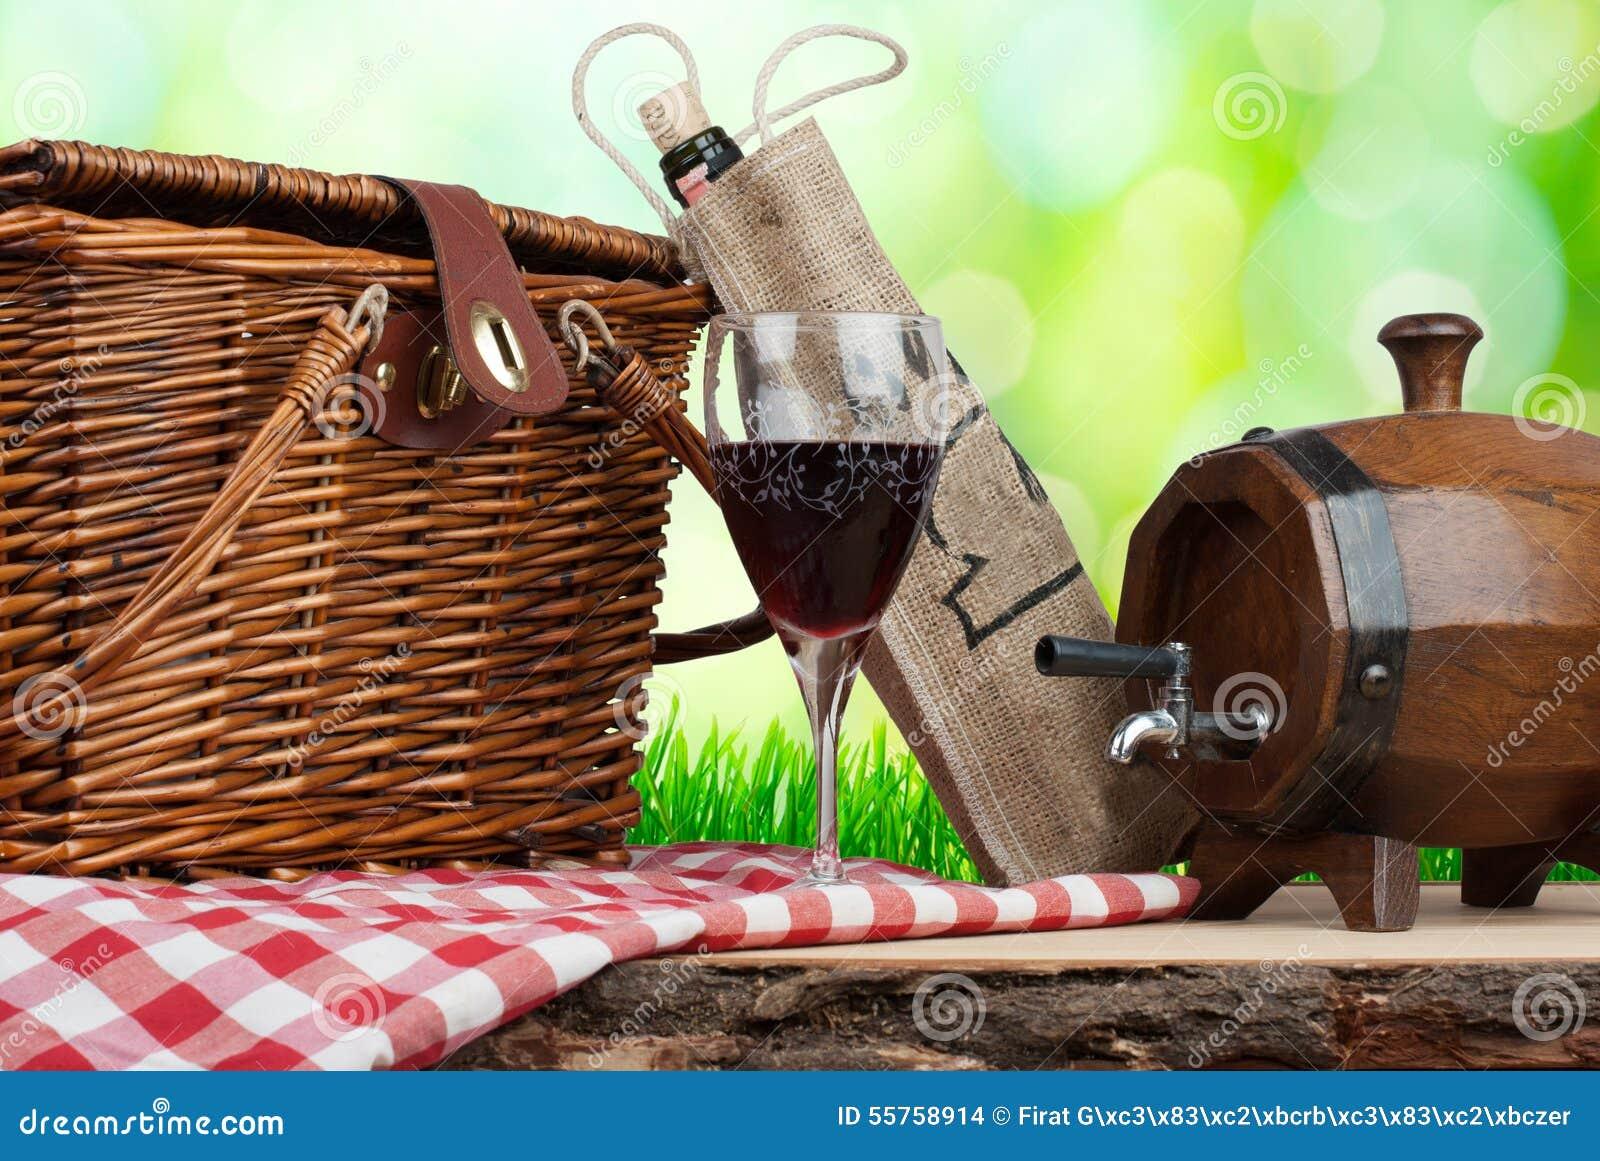 Canestro di picnic sulla tavola con bicchiere di vino e la botte